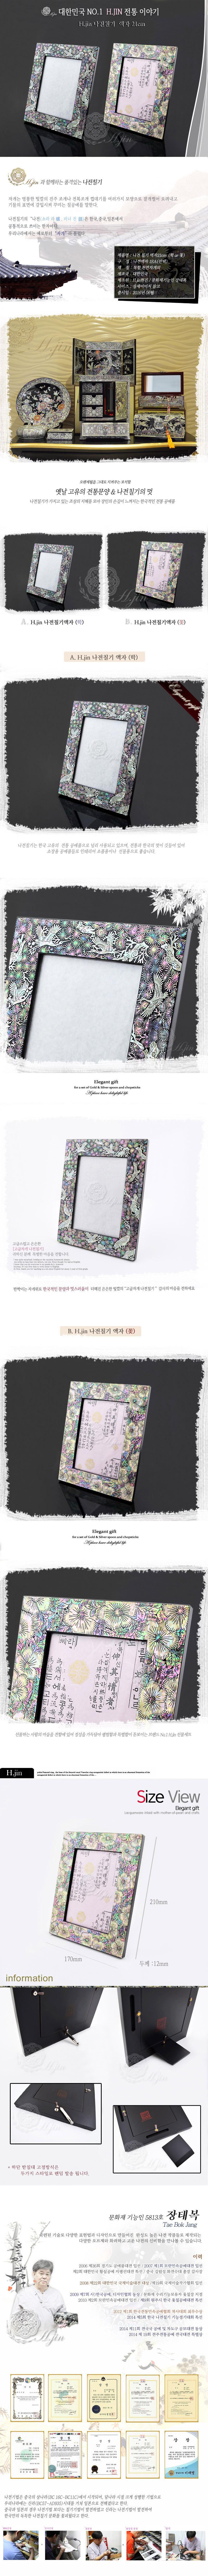 H.jin 나전칠기 자개 액자 (꽃) - 에이치진, 81,600원, 액자, 미니액자